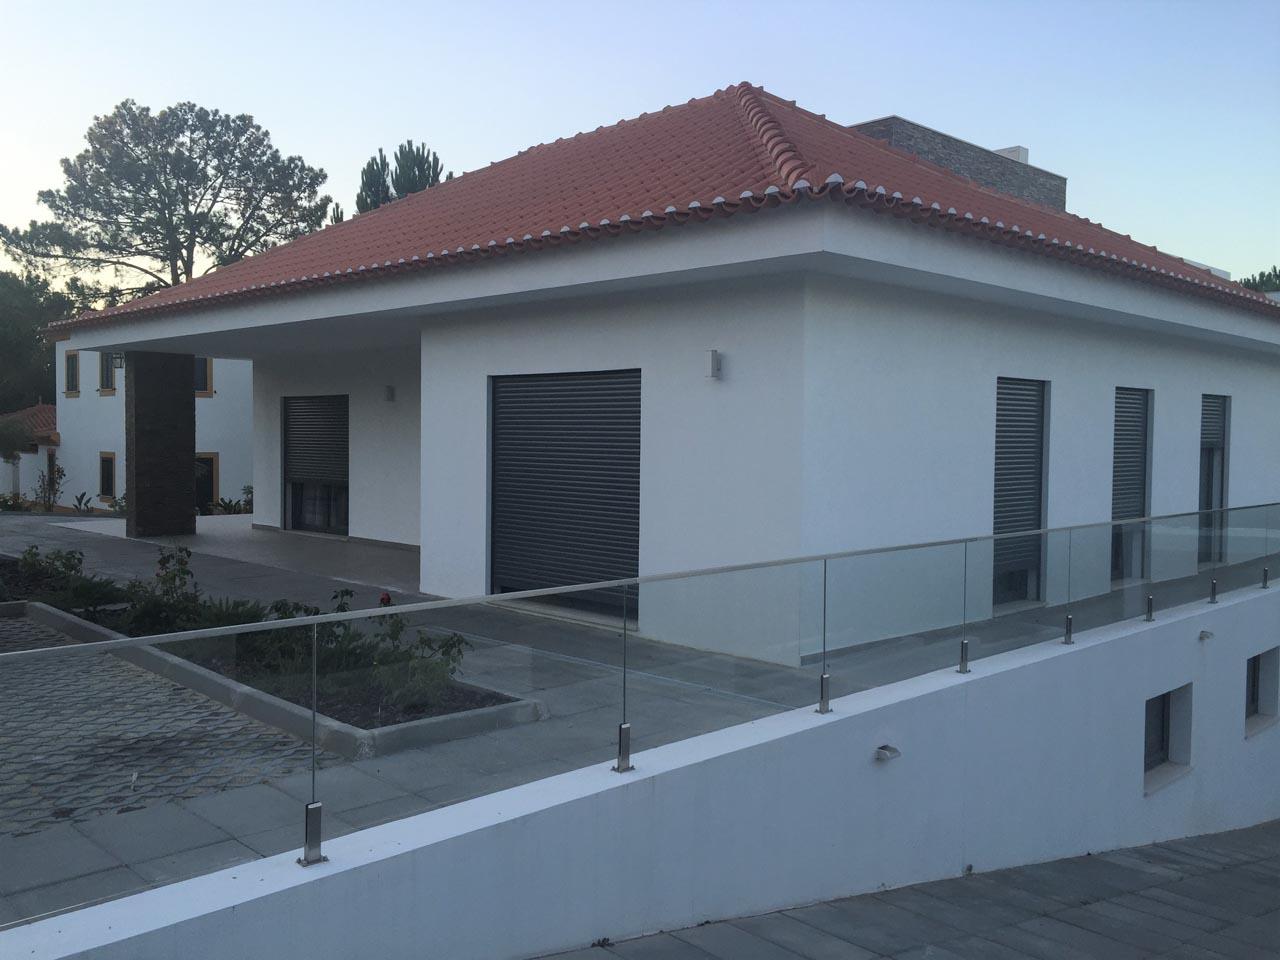 https://www.araujo-arquitectura.pt/wp-content/uploads/2020/12/IMG_4433.jpg